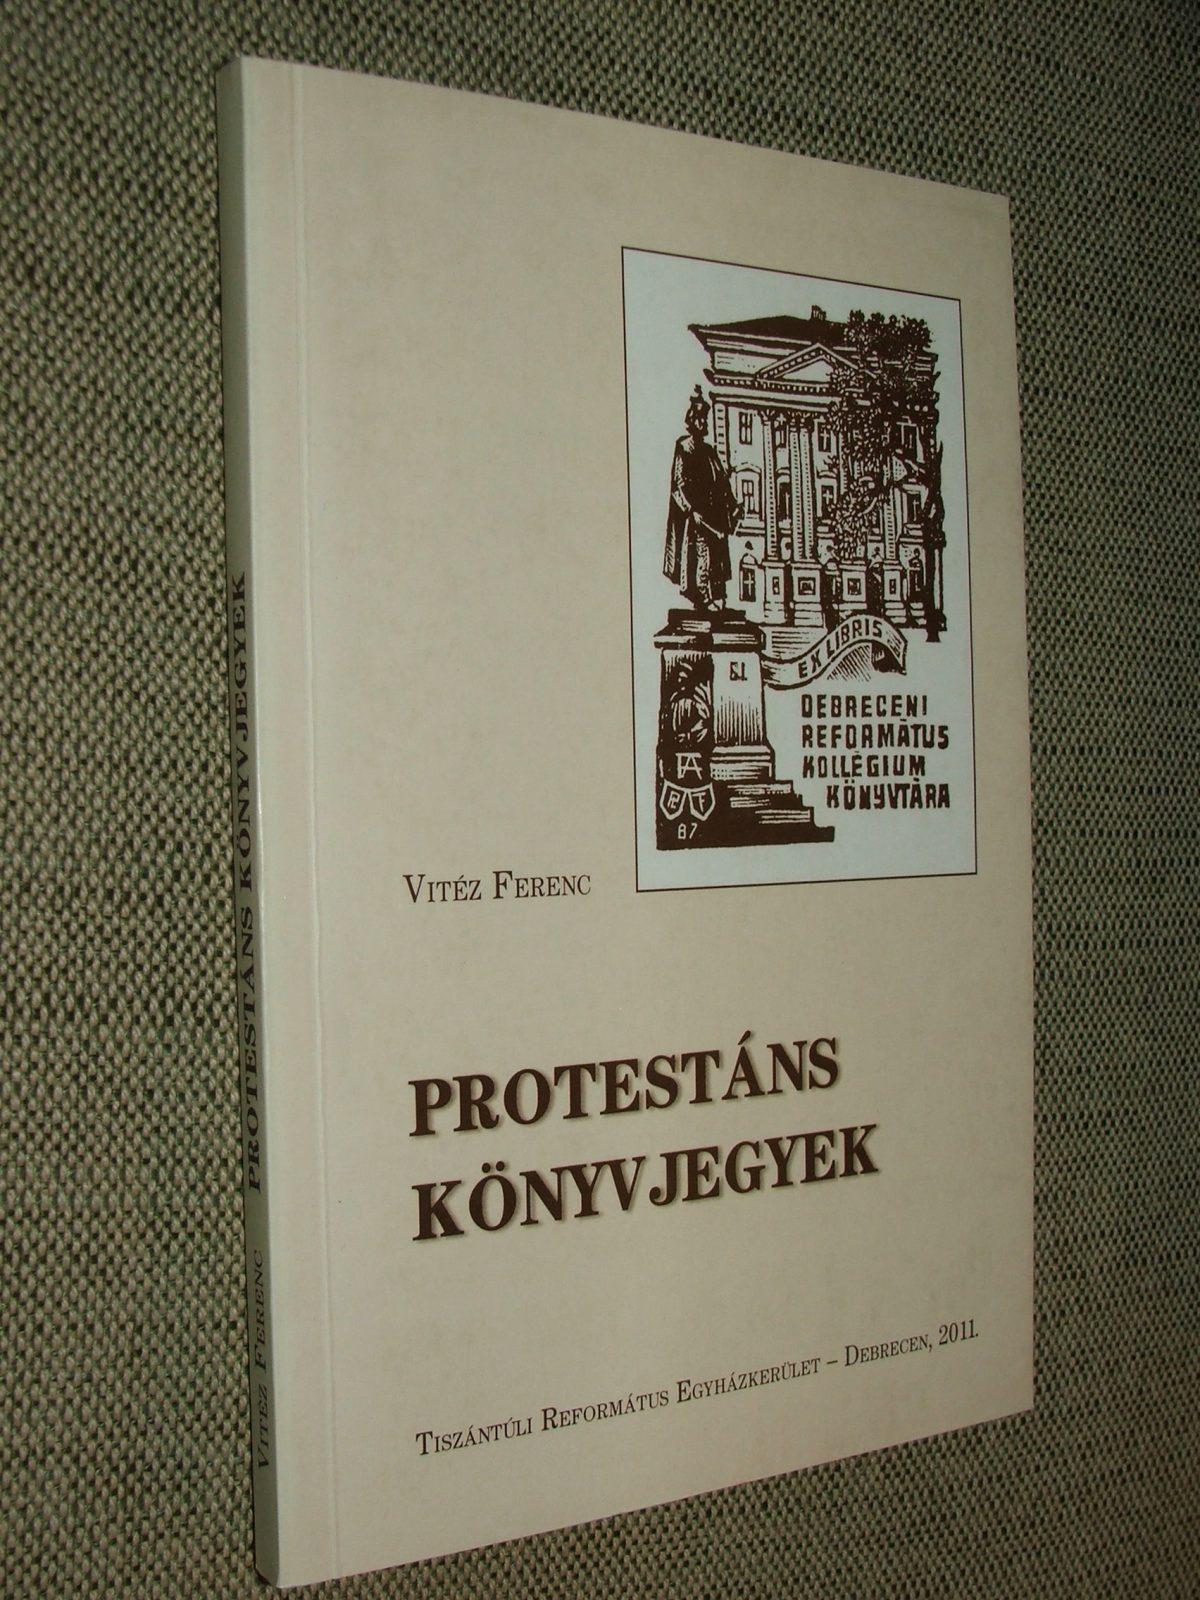 VITÉZ Ferenc: Protestáns könyvjegyek